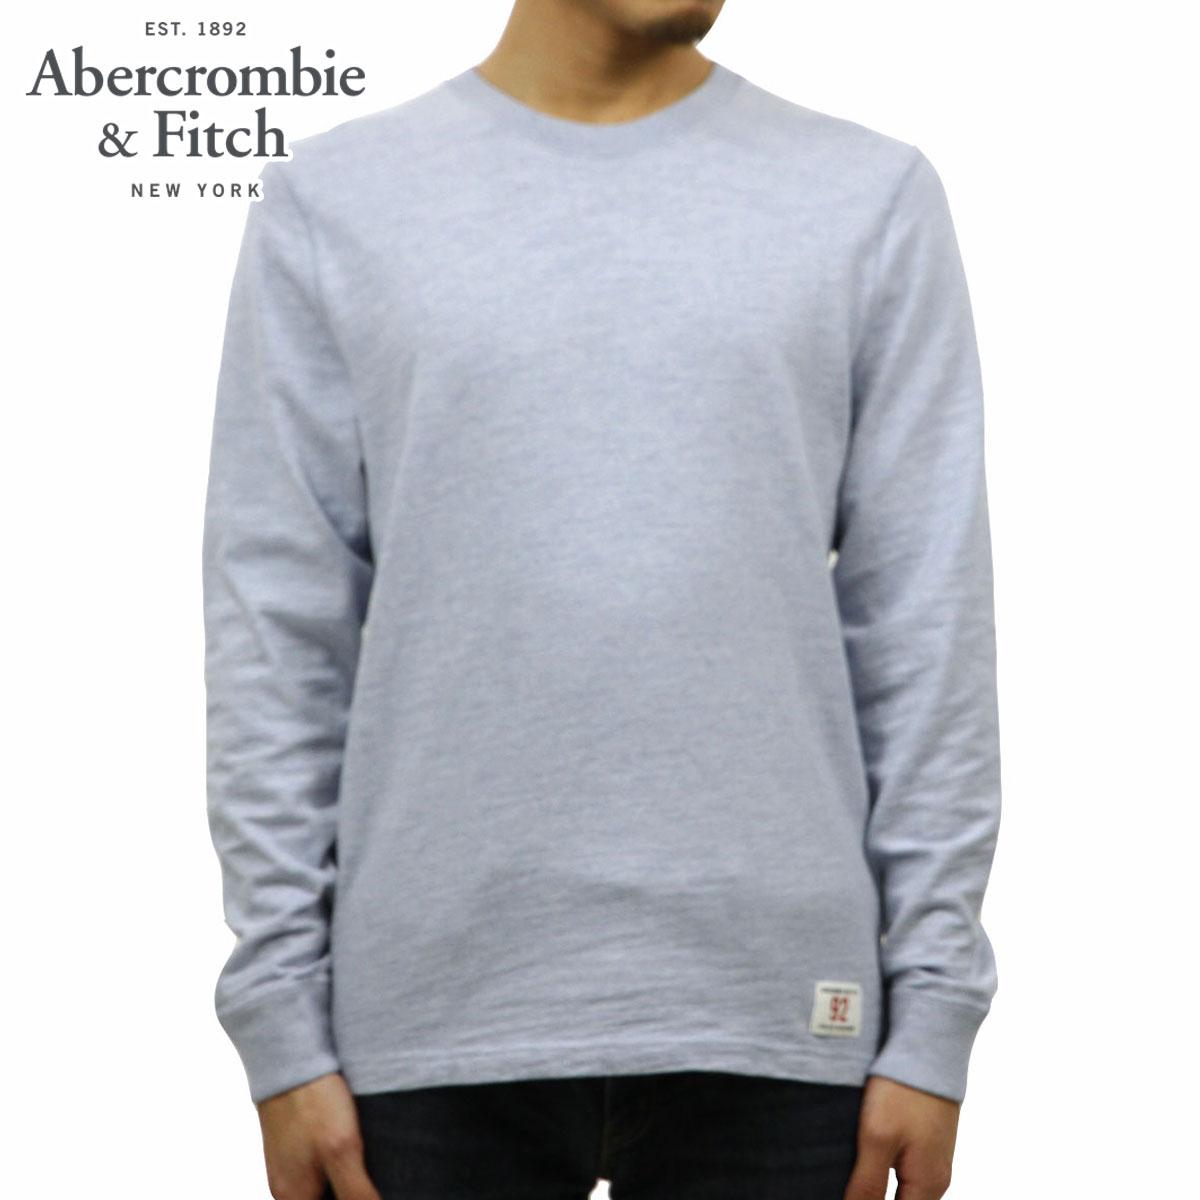 アバクロ Abercrombie&Fitch 正規品 メンズ クルーネック 長袖Tシャツ LONG-SLEEVE CREW TEE 124-228-0236-220